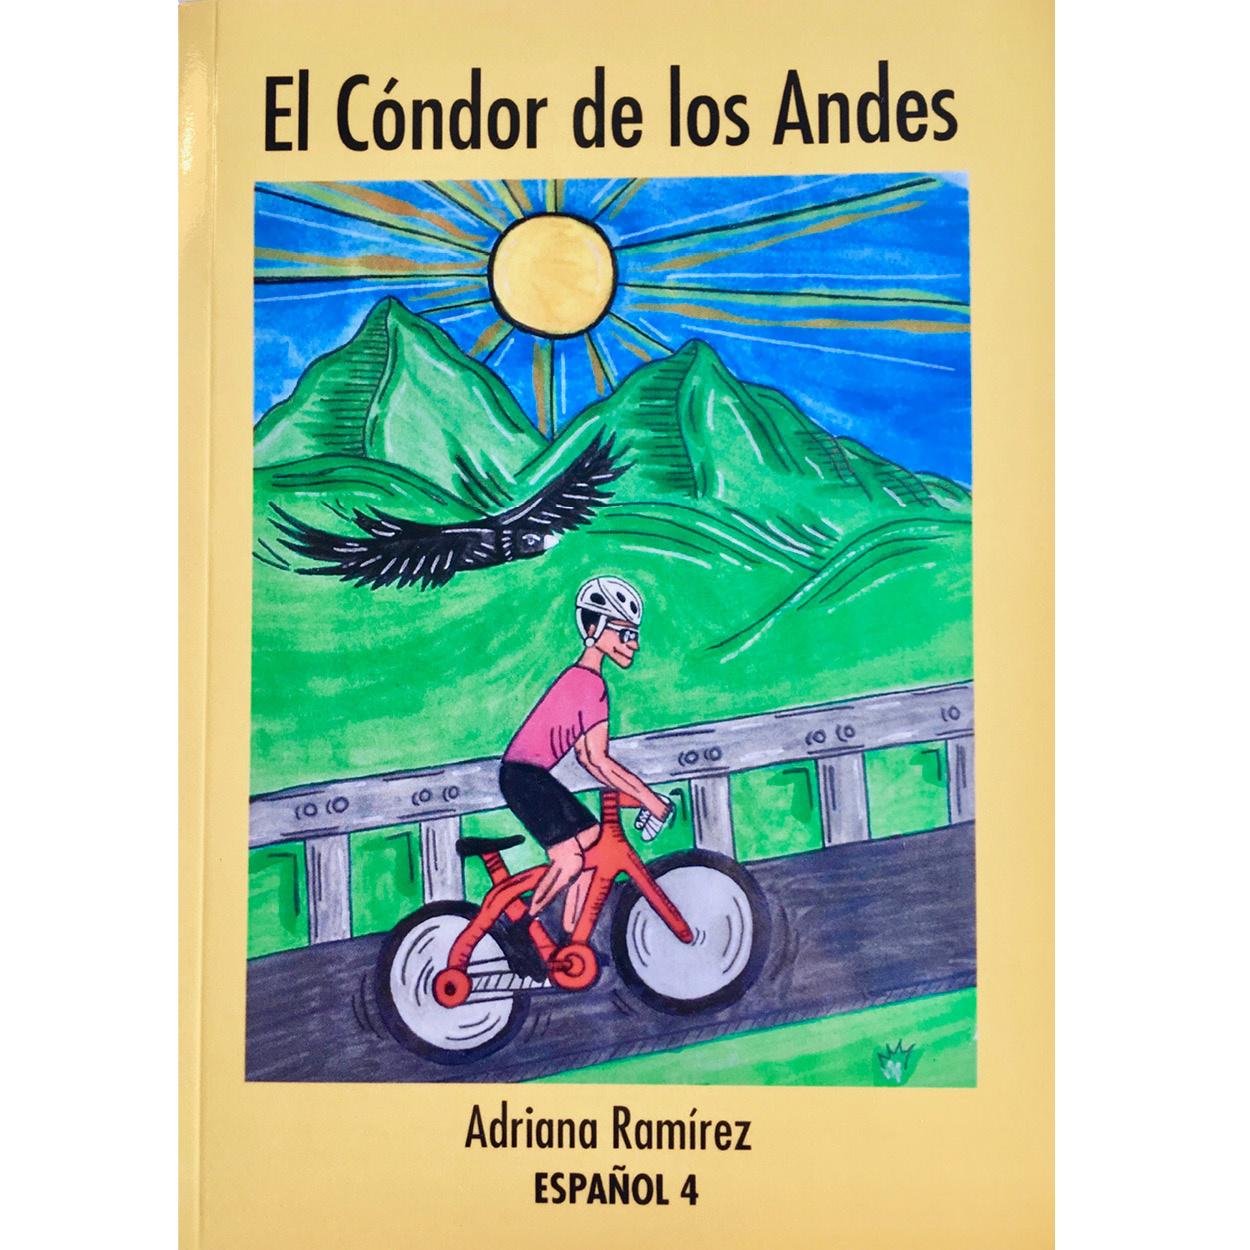 El Cóndor de los Andes